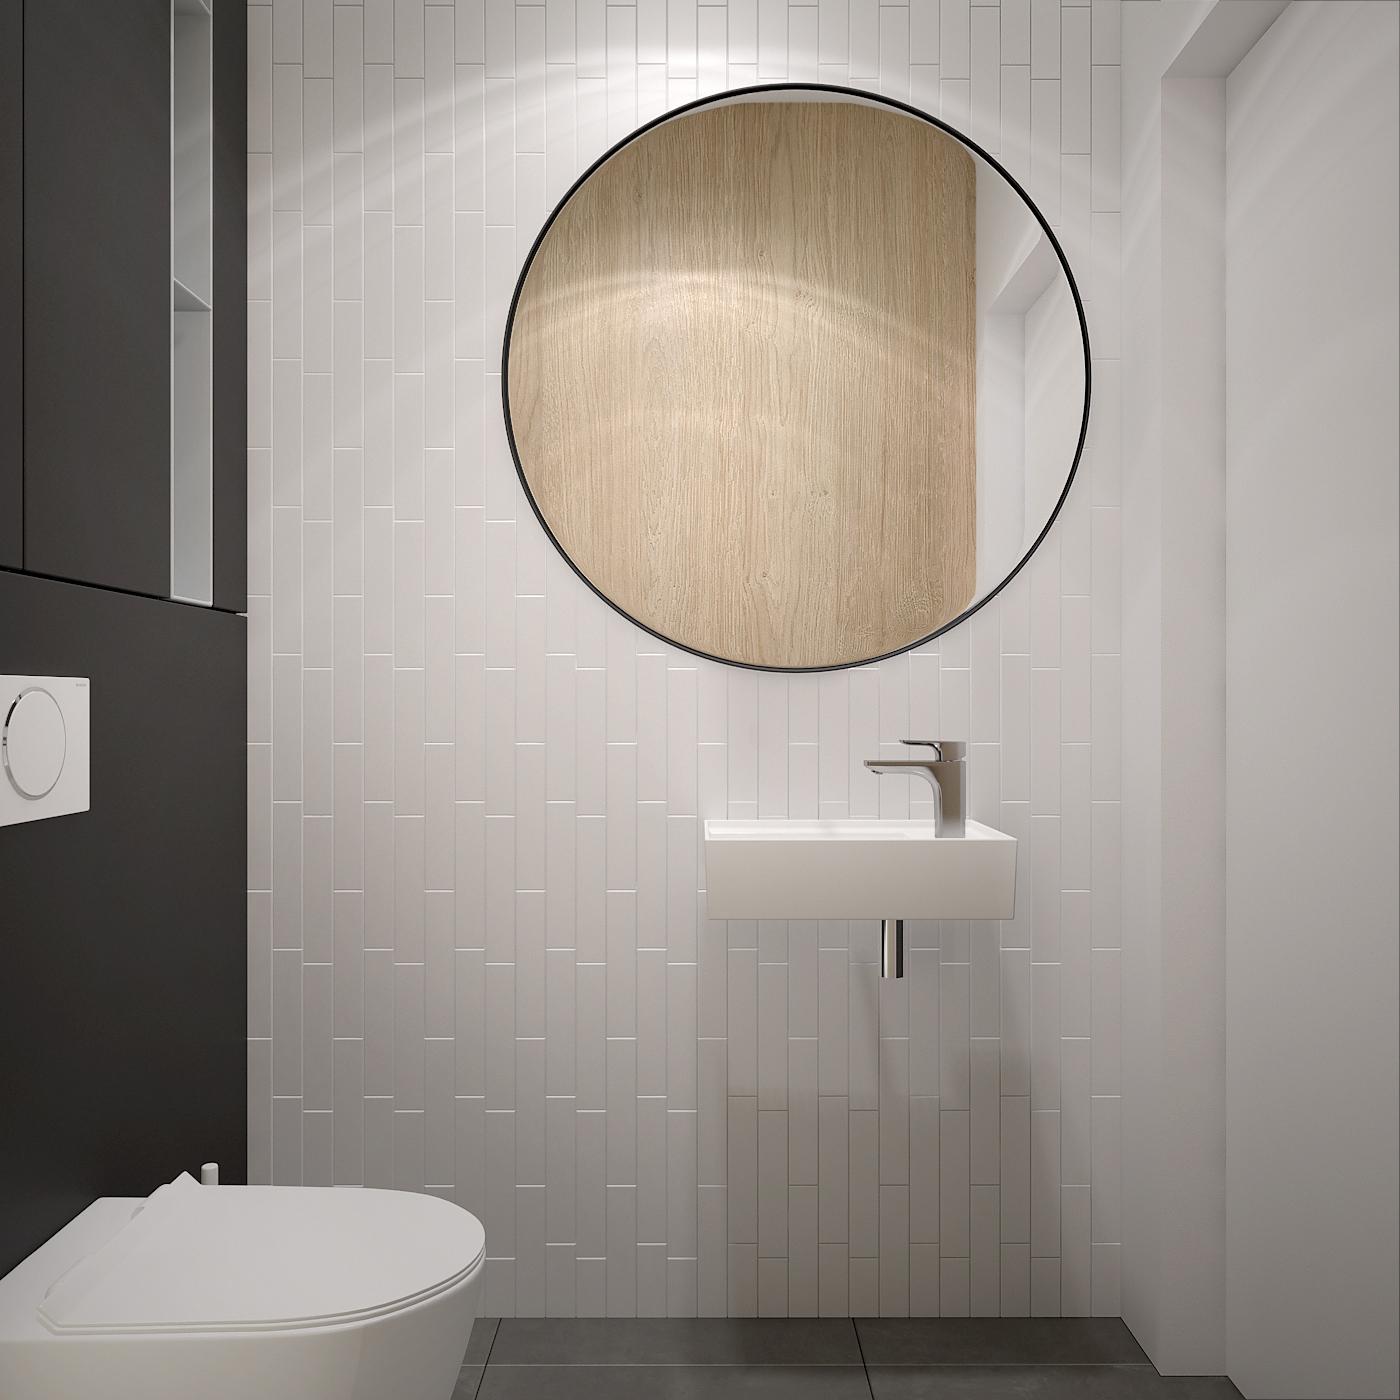 14 projekt wnetrza 537 mieszkanie krakow toaleta okragle lustro wiszaca umywalka biale plytki w cegielke uklad naprzemienny